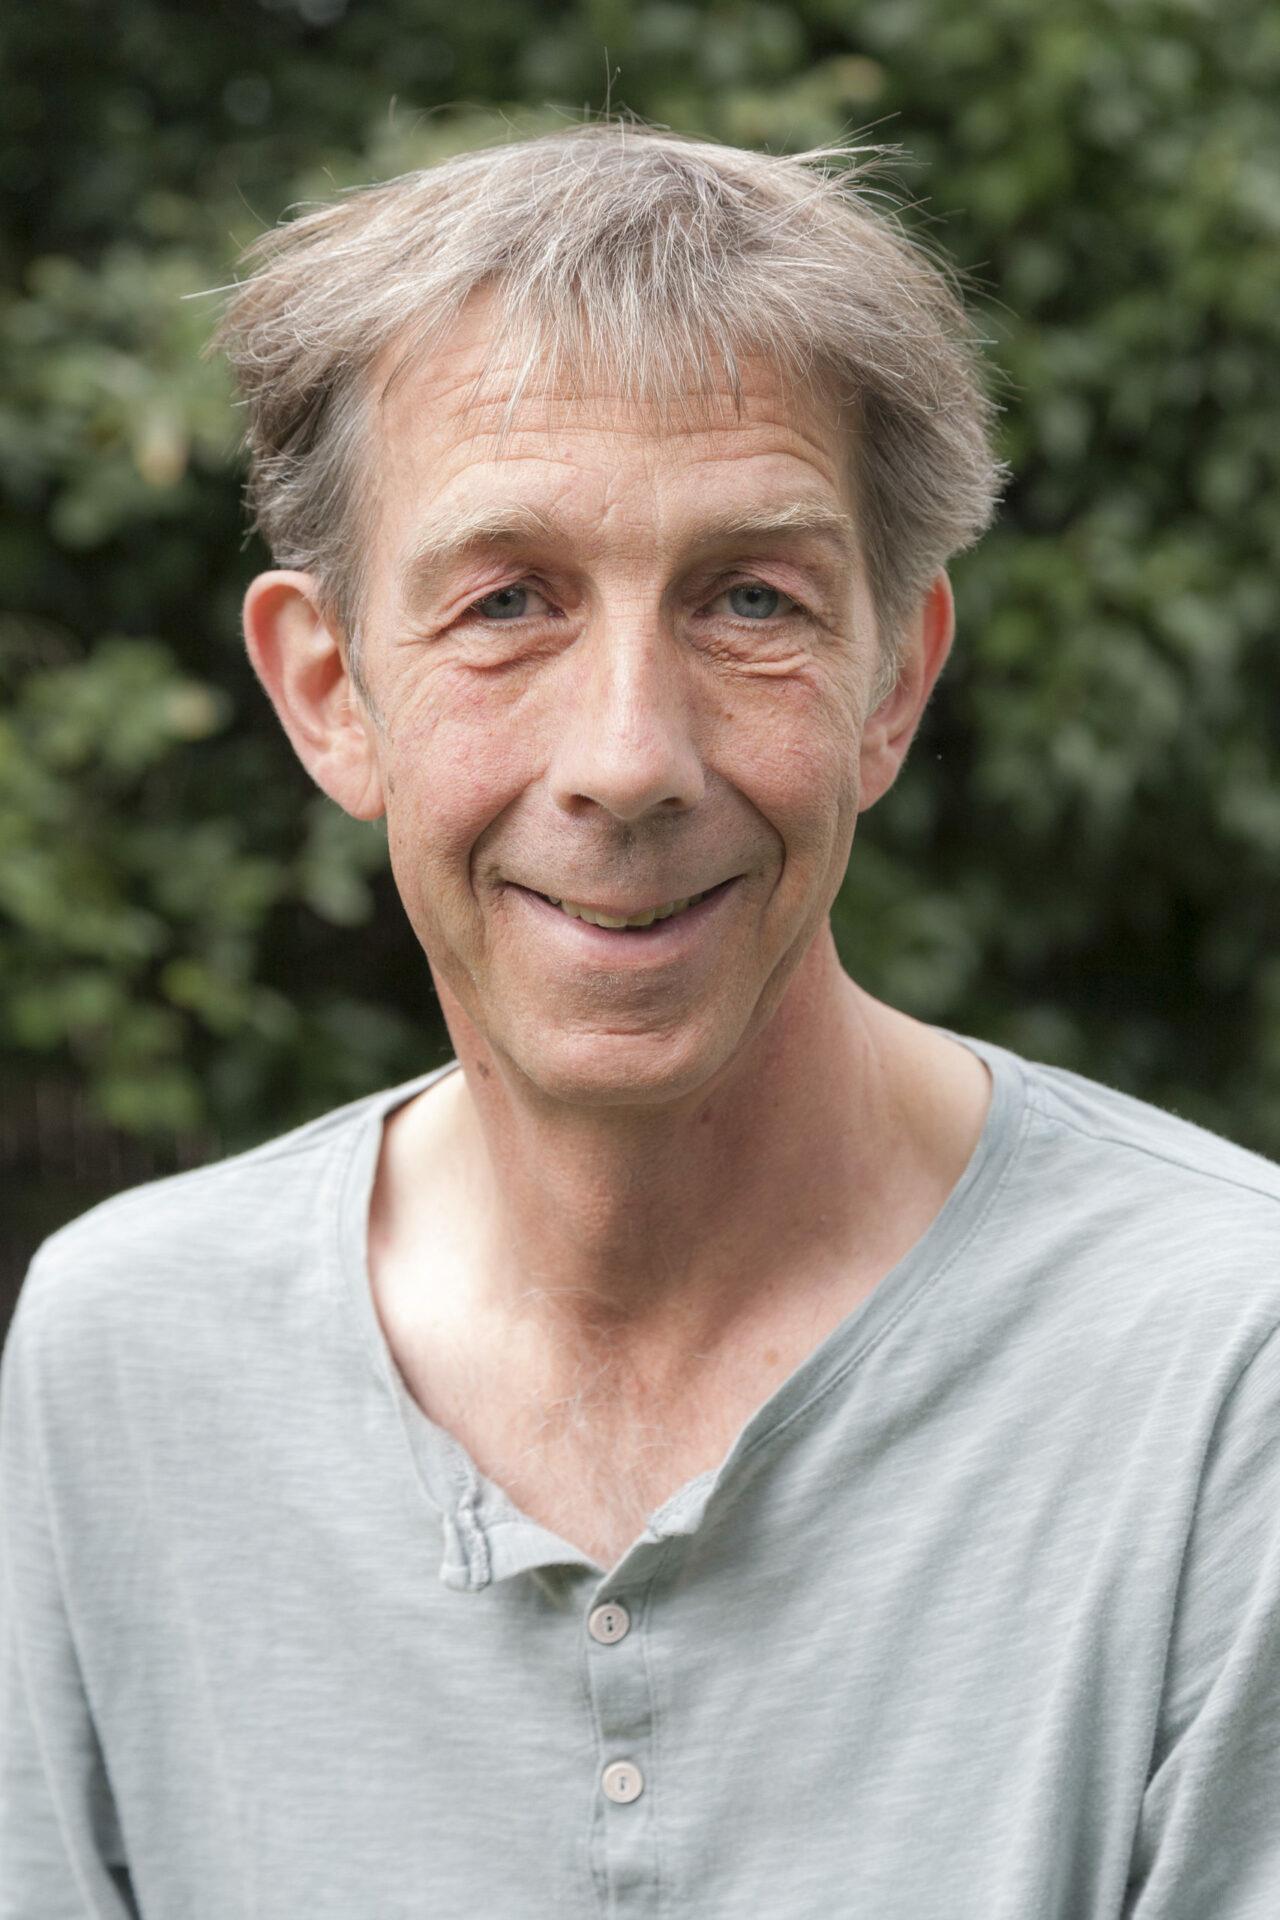 Björn Rannenberg - Bildhauer, Steinmetzmeister, Pädagoge (M. of Educ.)